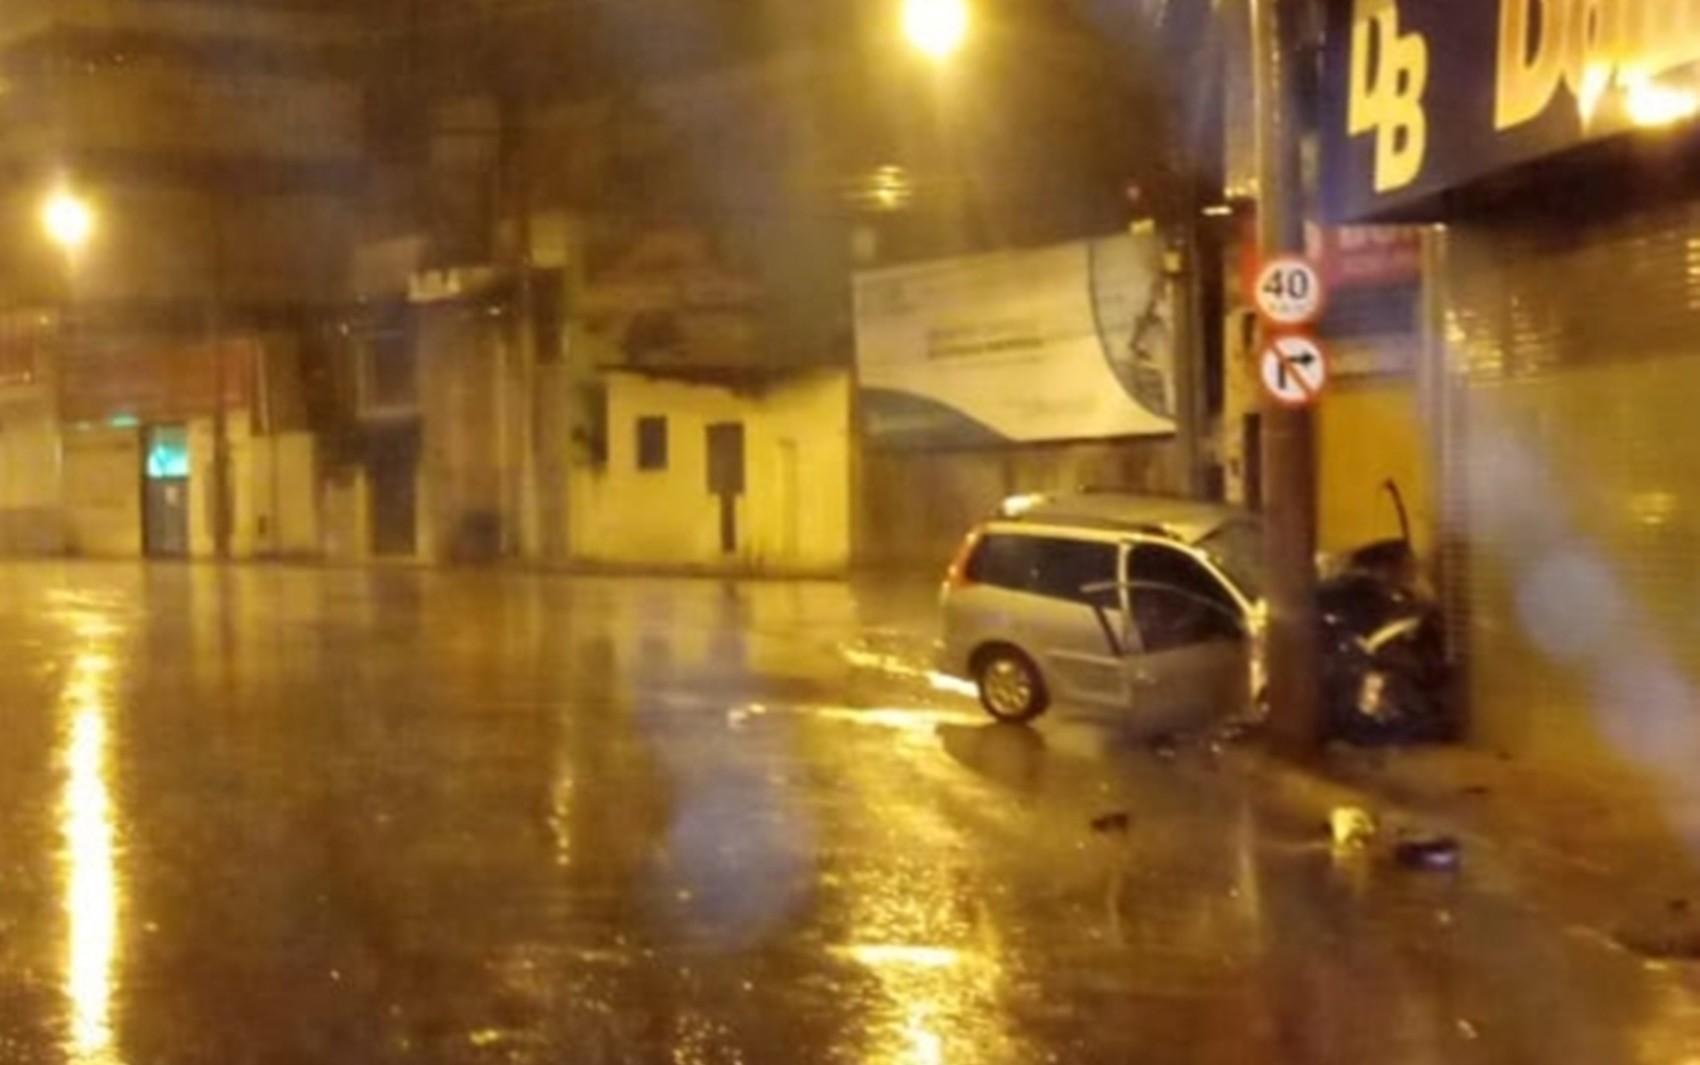 Motorista perde controle e bate carro em muro em Alfenas; quatro pessoas estão internadas